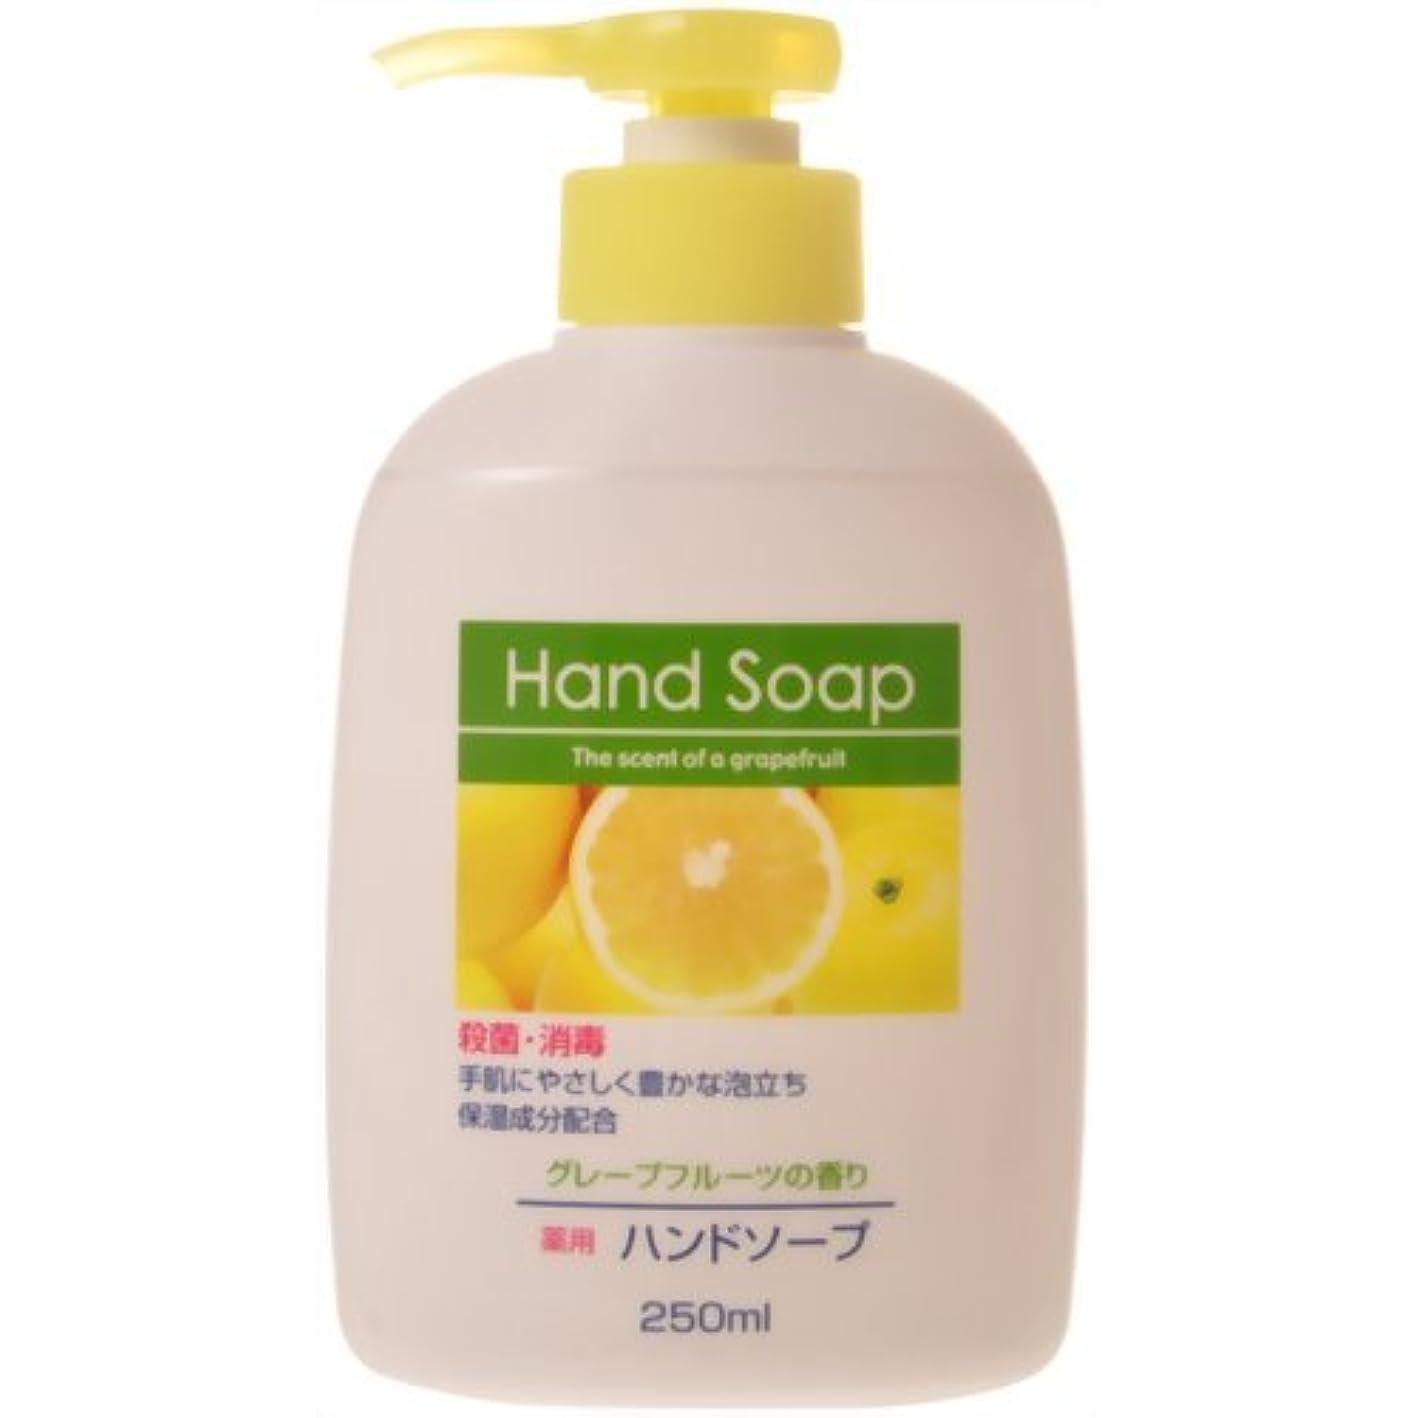 ユニークな気まぐれな遮る薬用ハンドソープ グレープフルーツの香り 本体 250ml